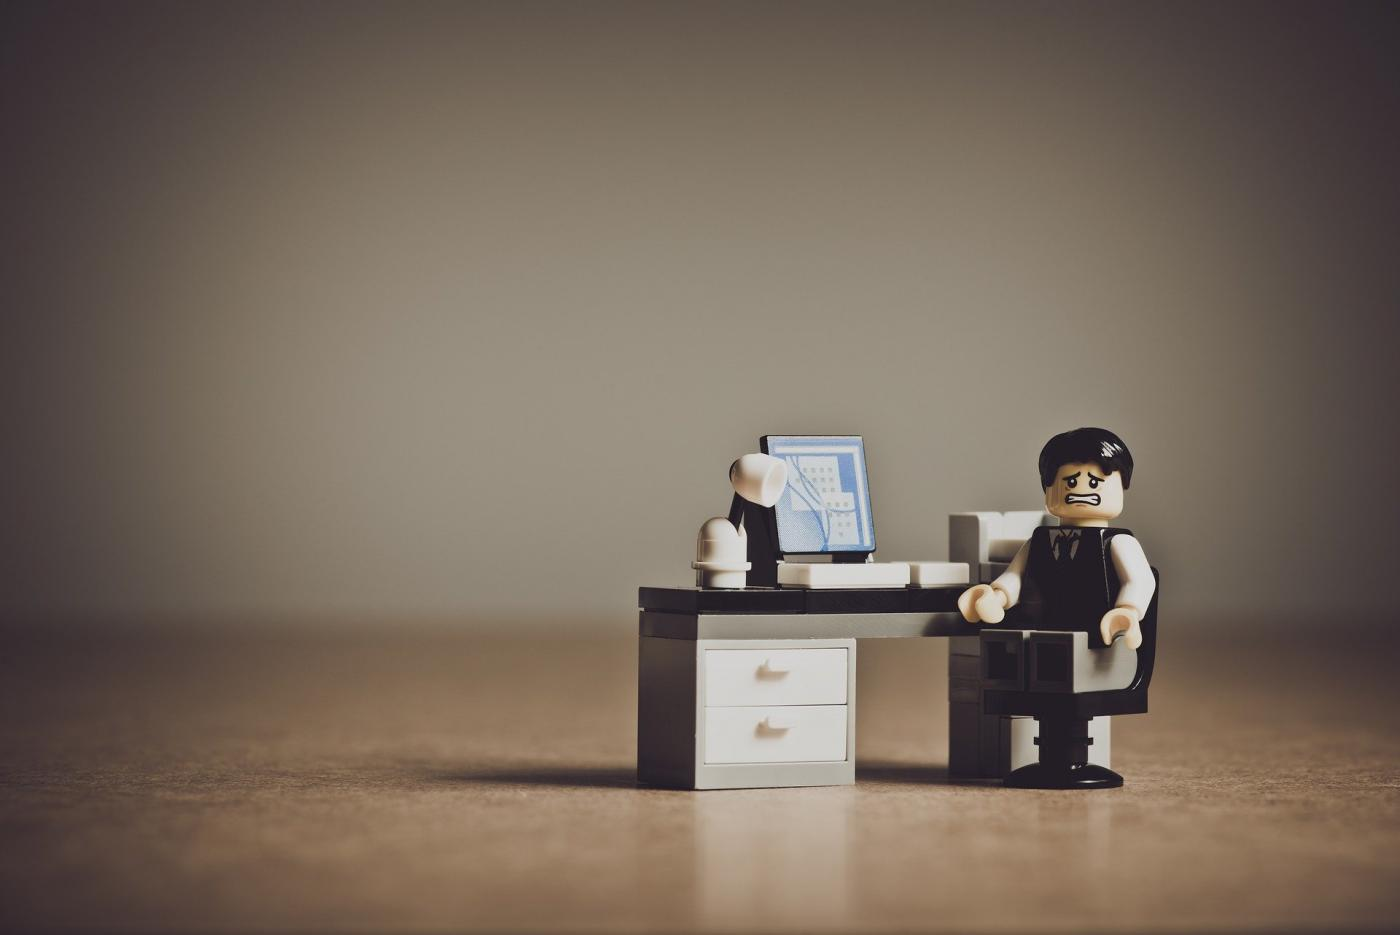 Organizacja w pracy. Cztery sposoby na porządek na biurku